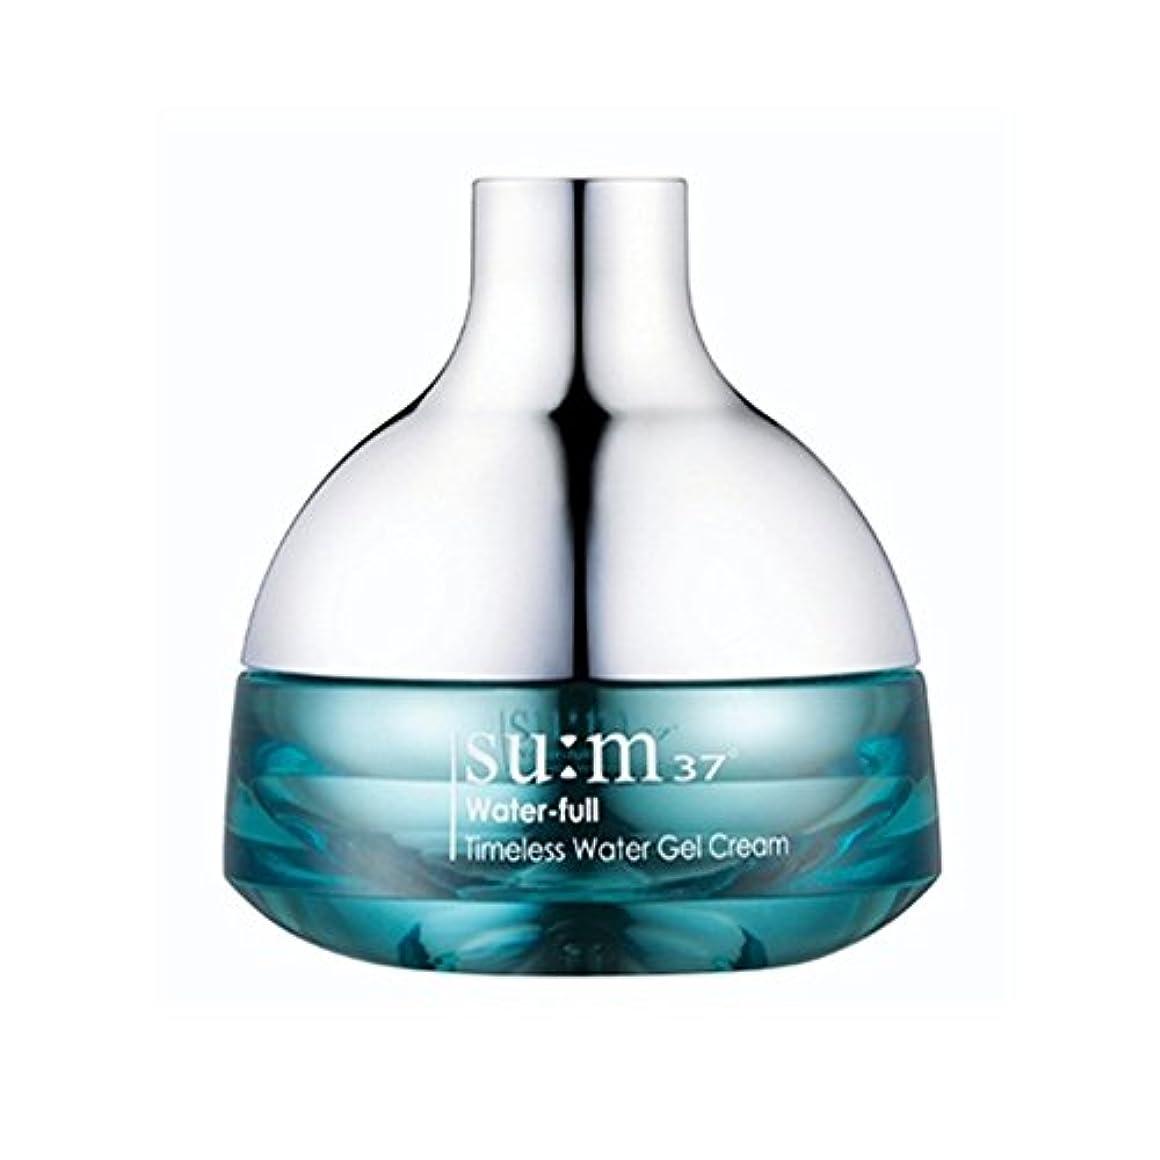 腐敗高音契約[su:m37/スム37°] SUM37 Water-full Timeless Water Gel Cream 50ml/WF07 sum37 ウォータフル タイムレス ウォータージェルクリーム 50ml +[Sample...